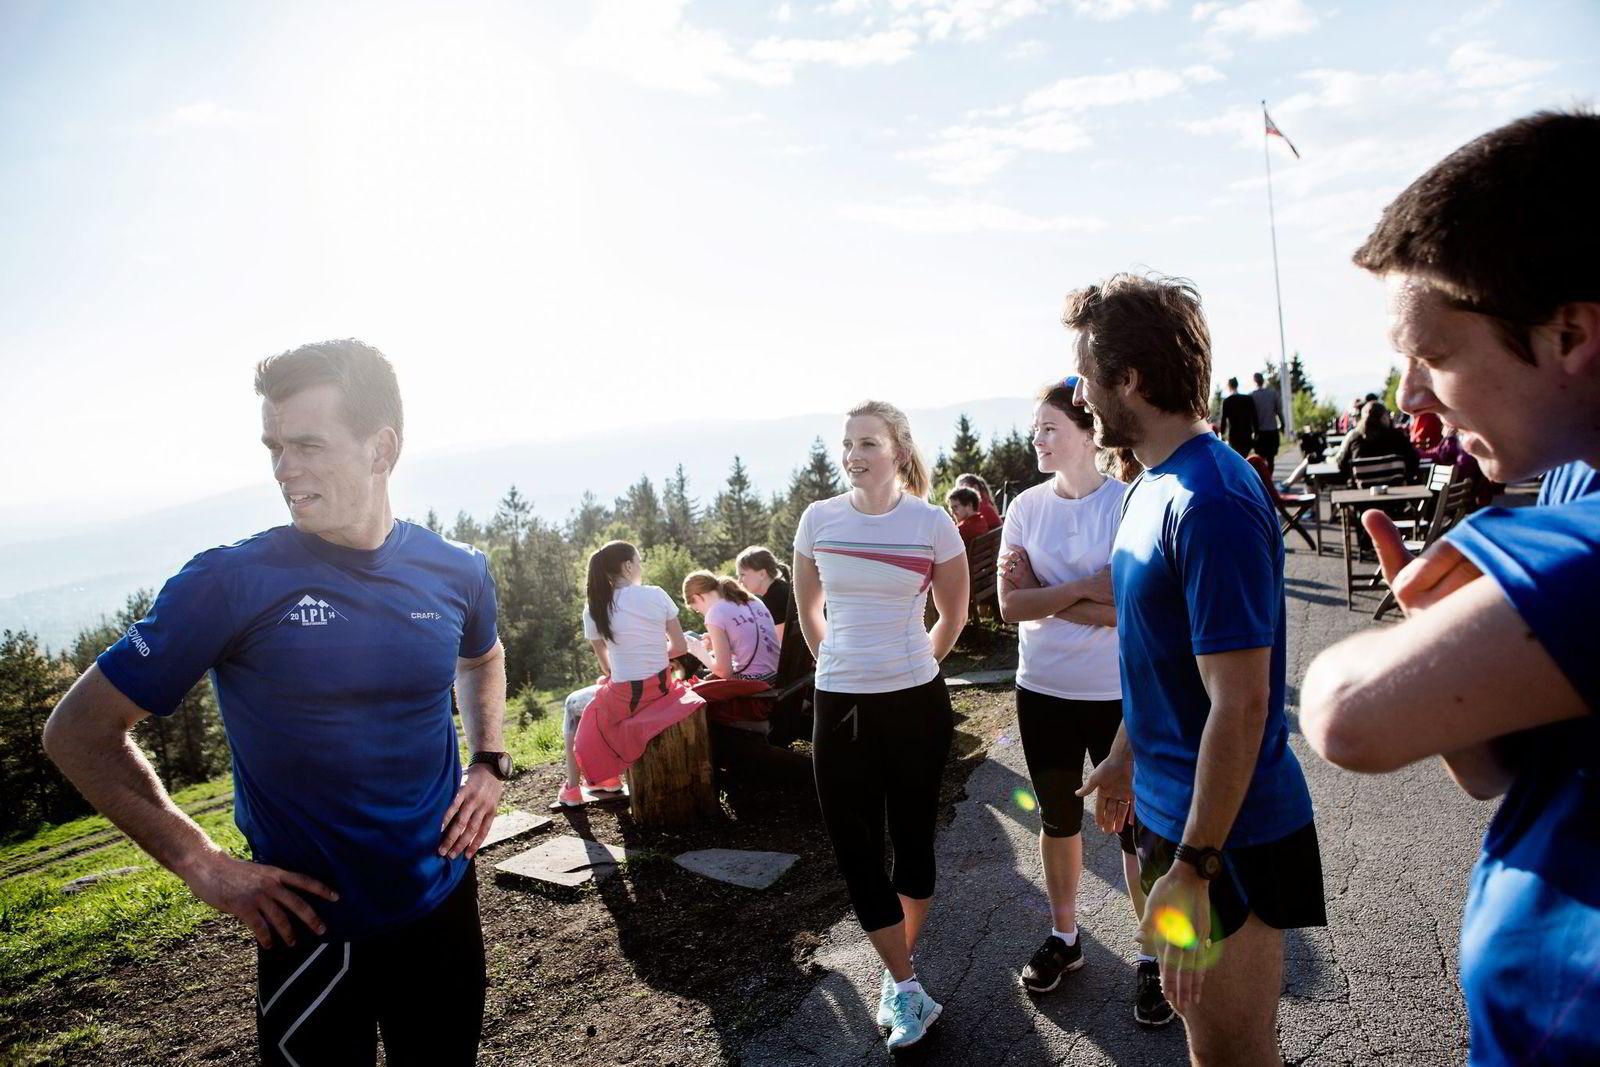 VEL OPPE. Fra venstre: Carl Edvard Sem, Tora Bettum, Ingrid Bettum, Daniel Barth og Conrad Mjørud på Grefsenkollen.